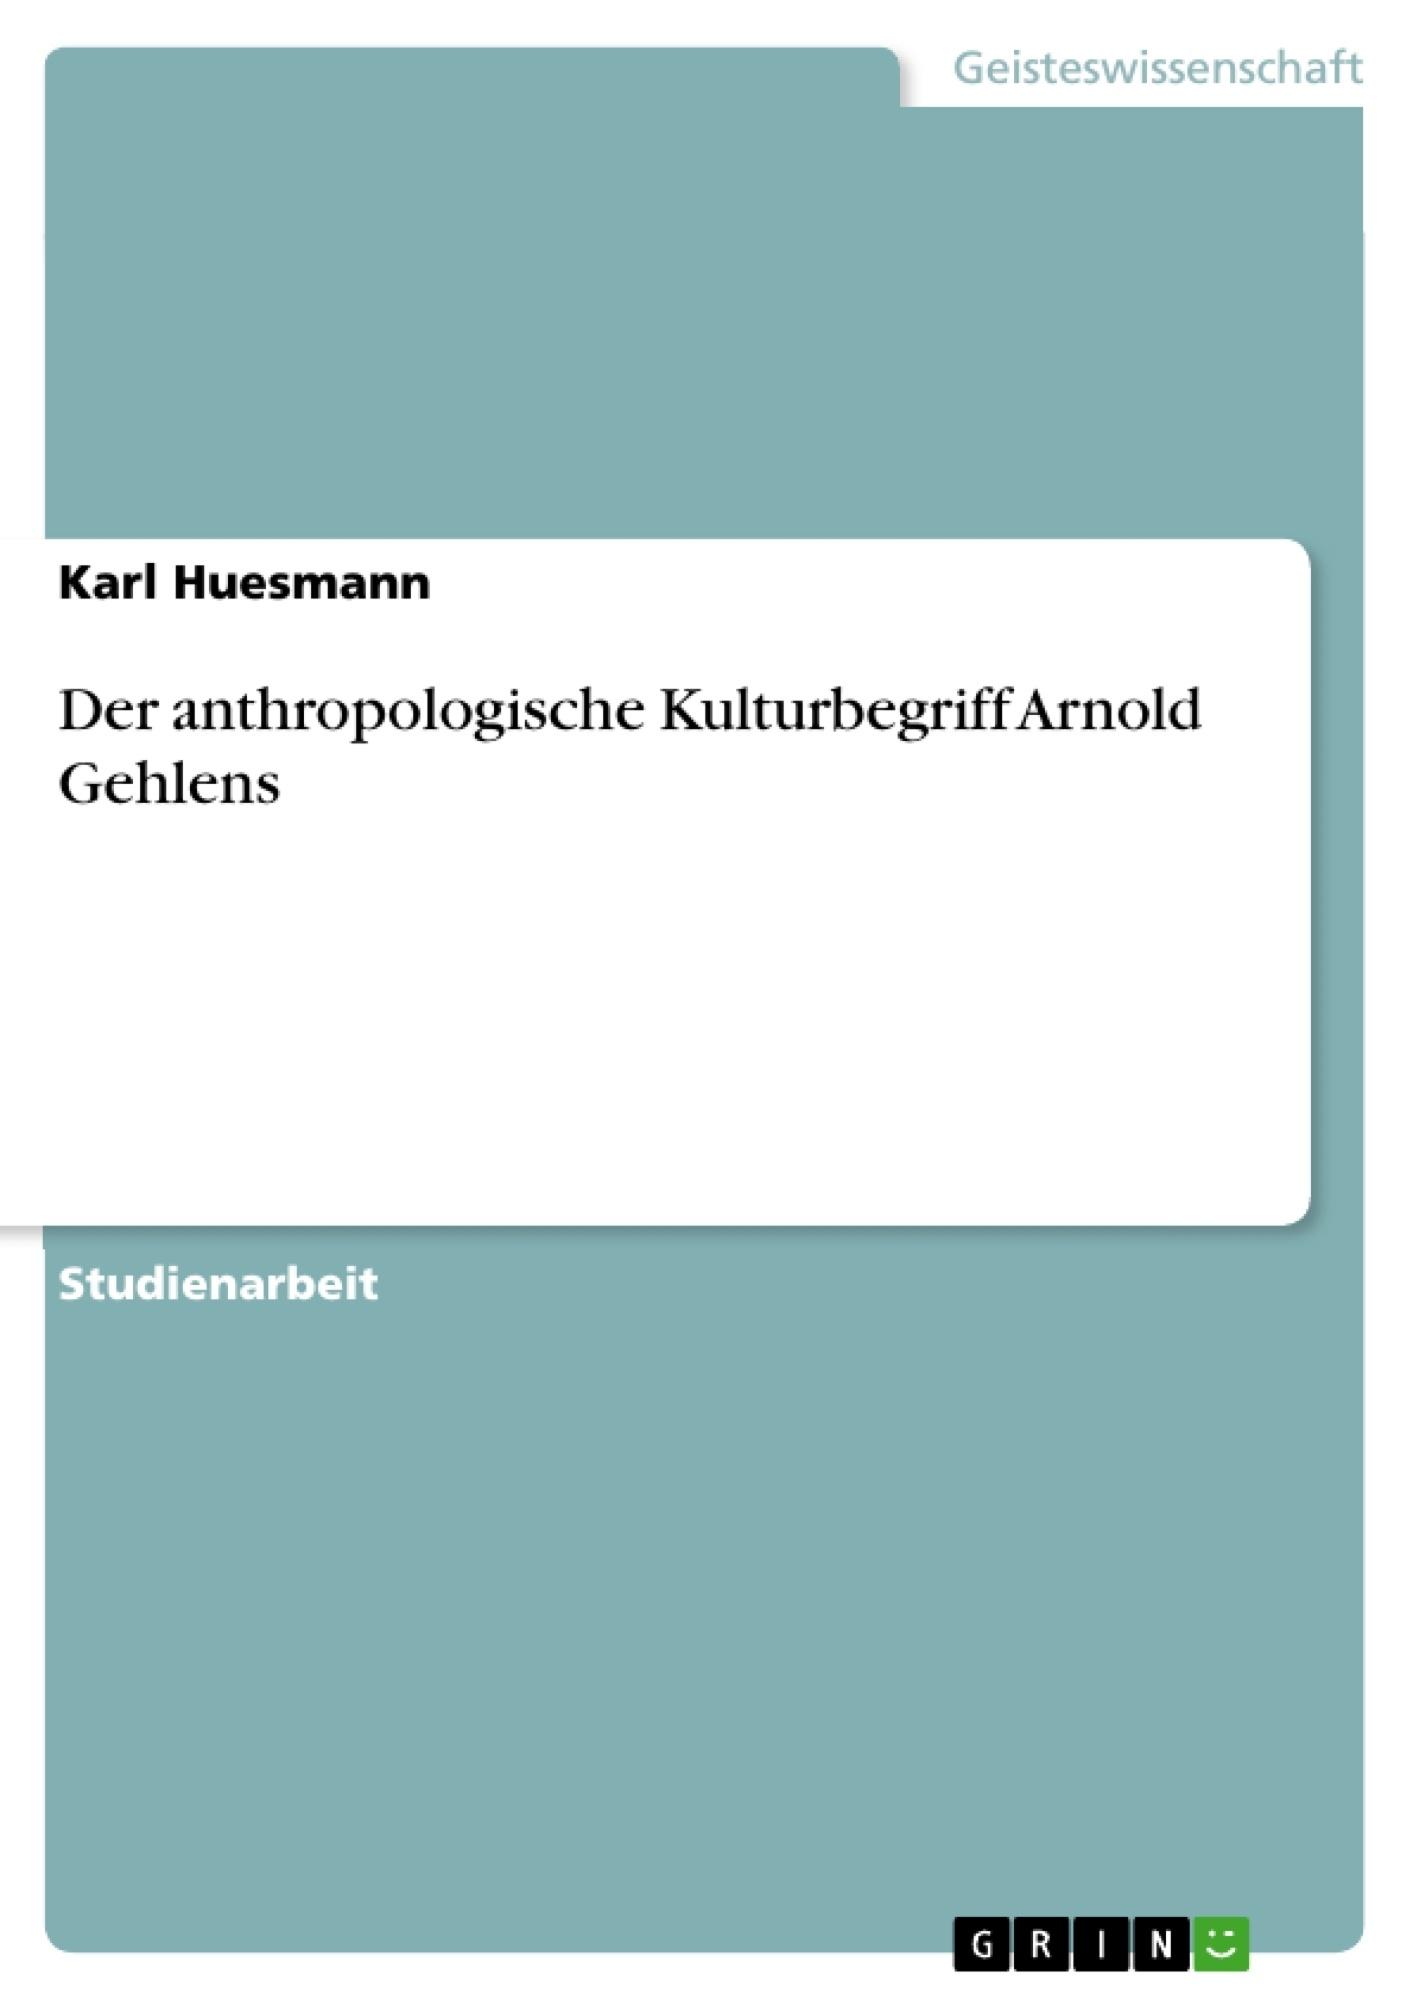 Titel: Der anthropologische Kulturbegriff Arnold Gehlens